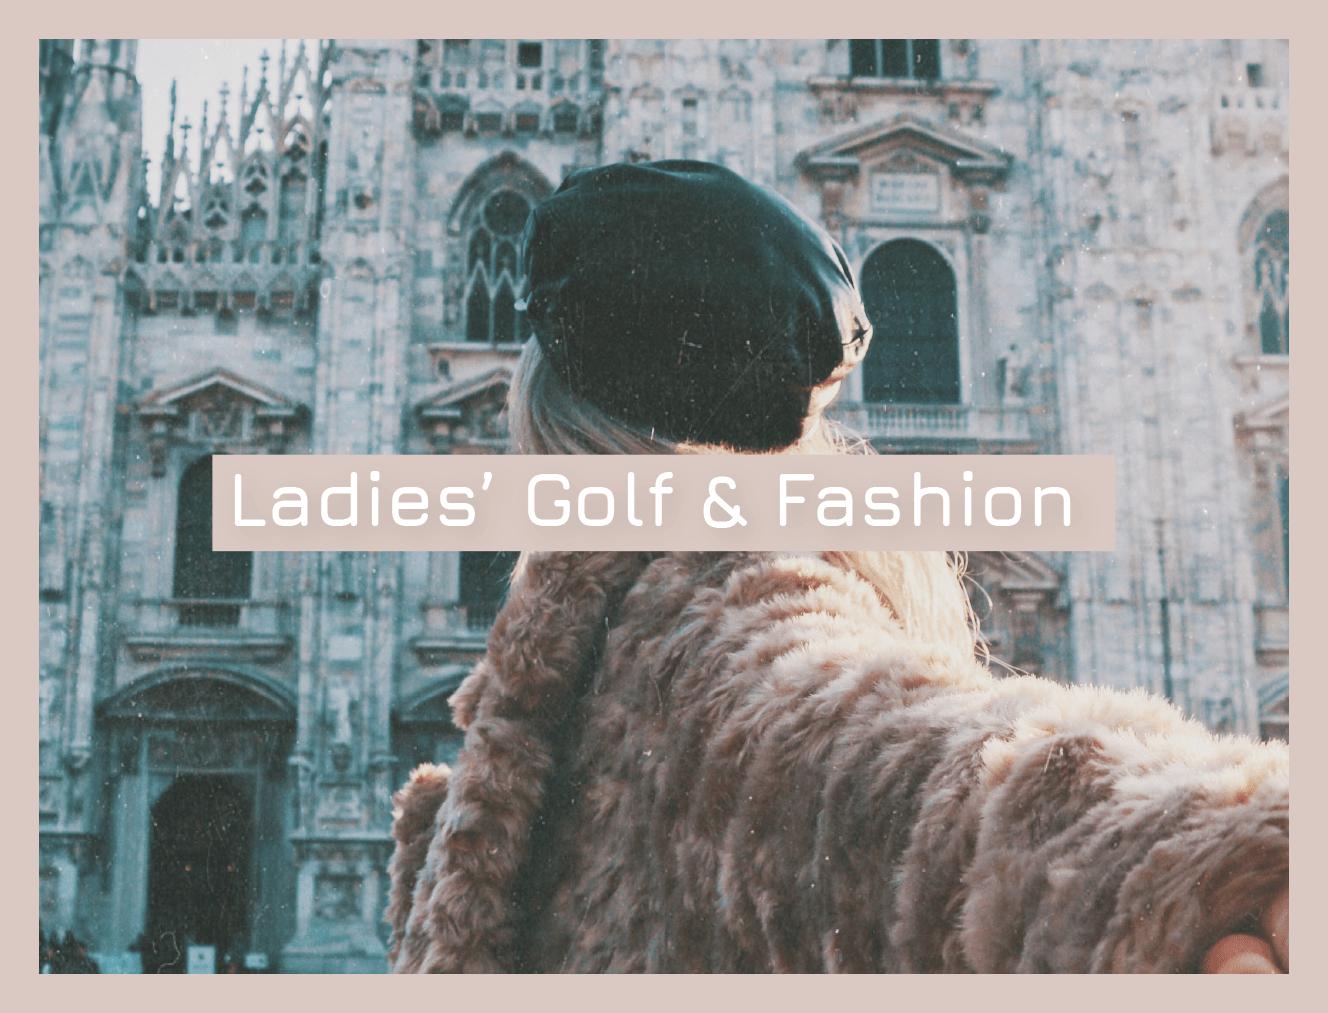 Ladies' Golf & Fashion